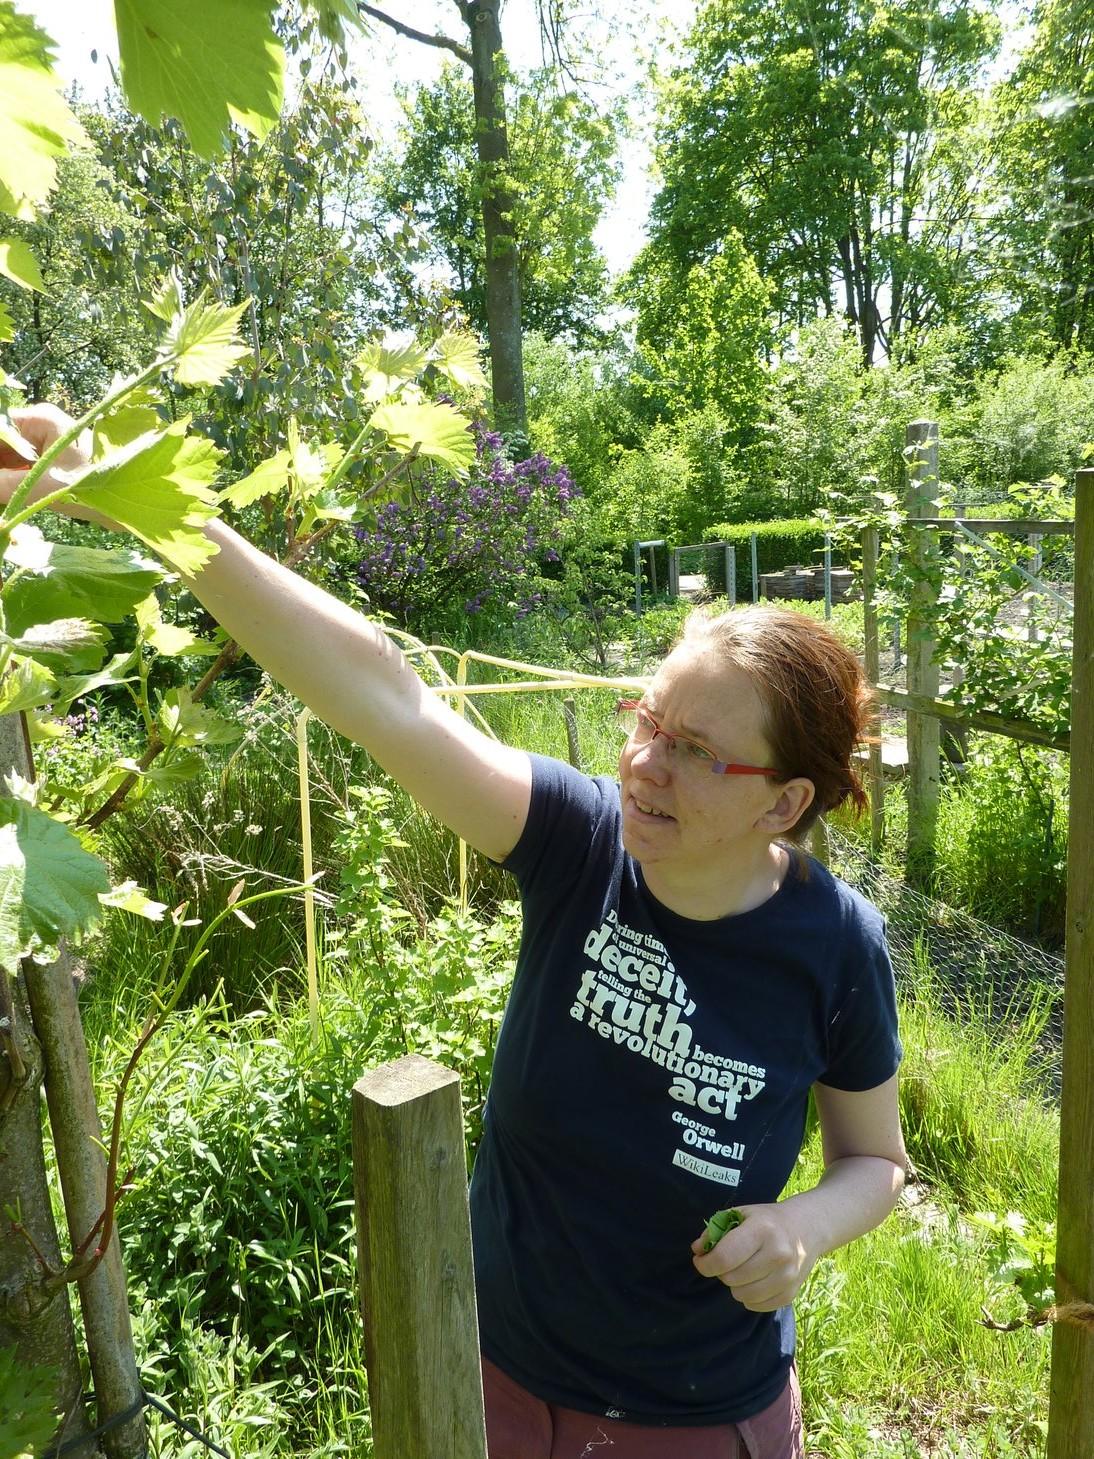 Plaatje: Maranke oogst lindeblaadjes (de druif die je hier ziet groeit in een leilinde)